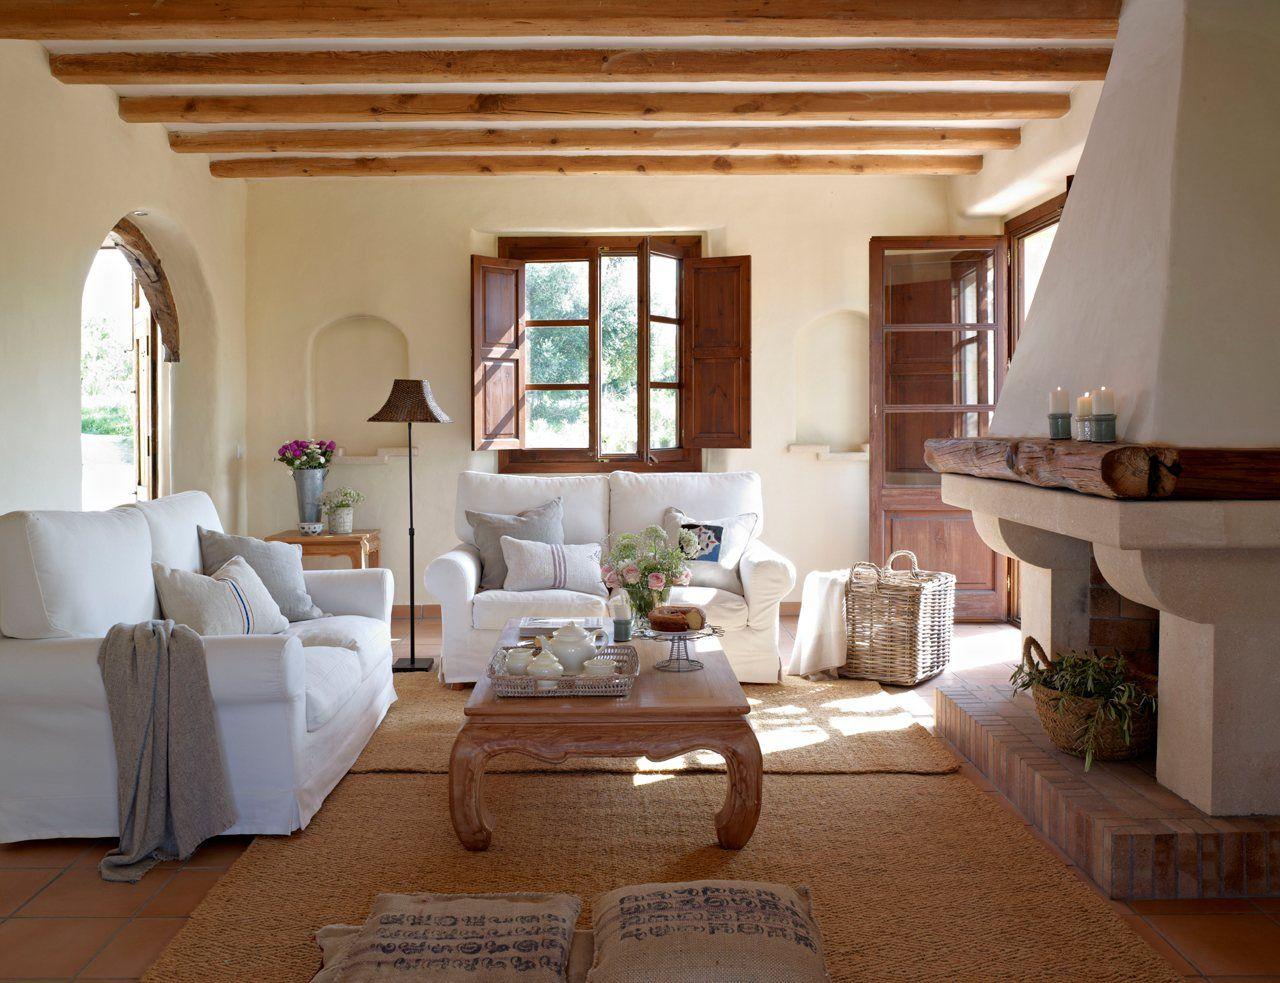 15 salones con chimenea | Salón, Sofás blancos y El invierno